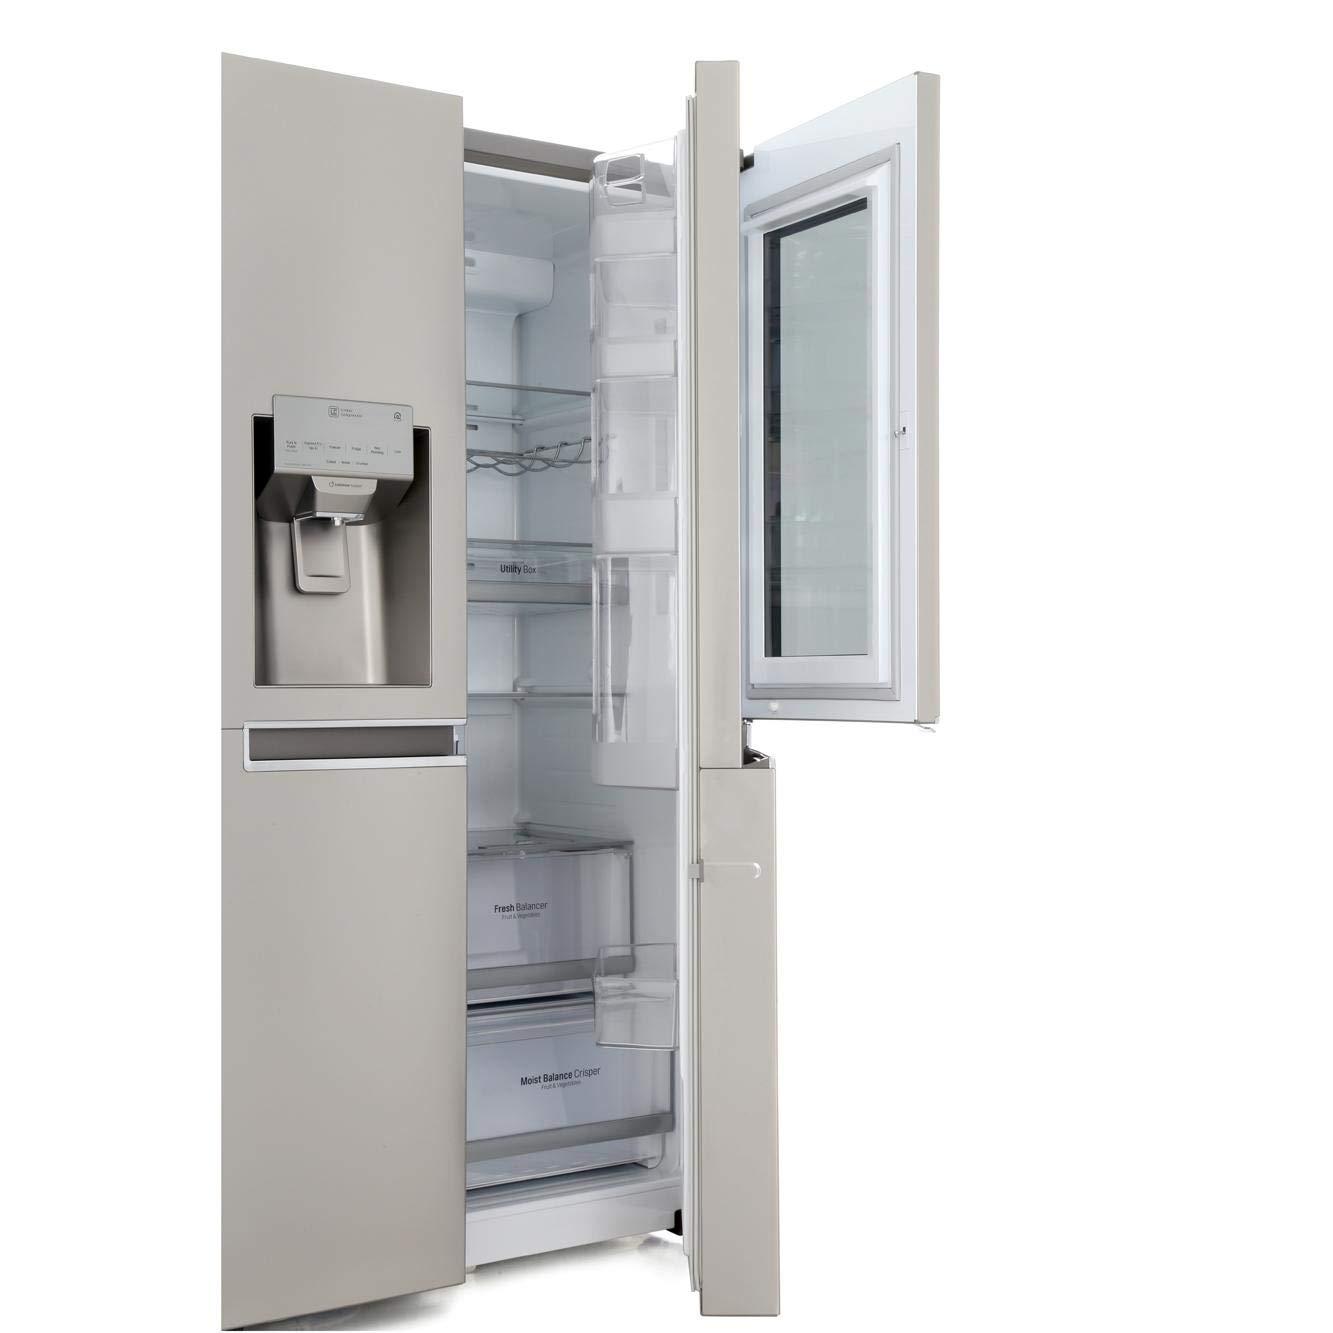 LG InstaView Door-in-Door GSX961NSAZ American Fridge Freezer